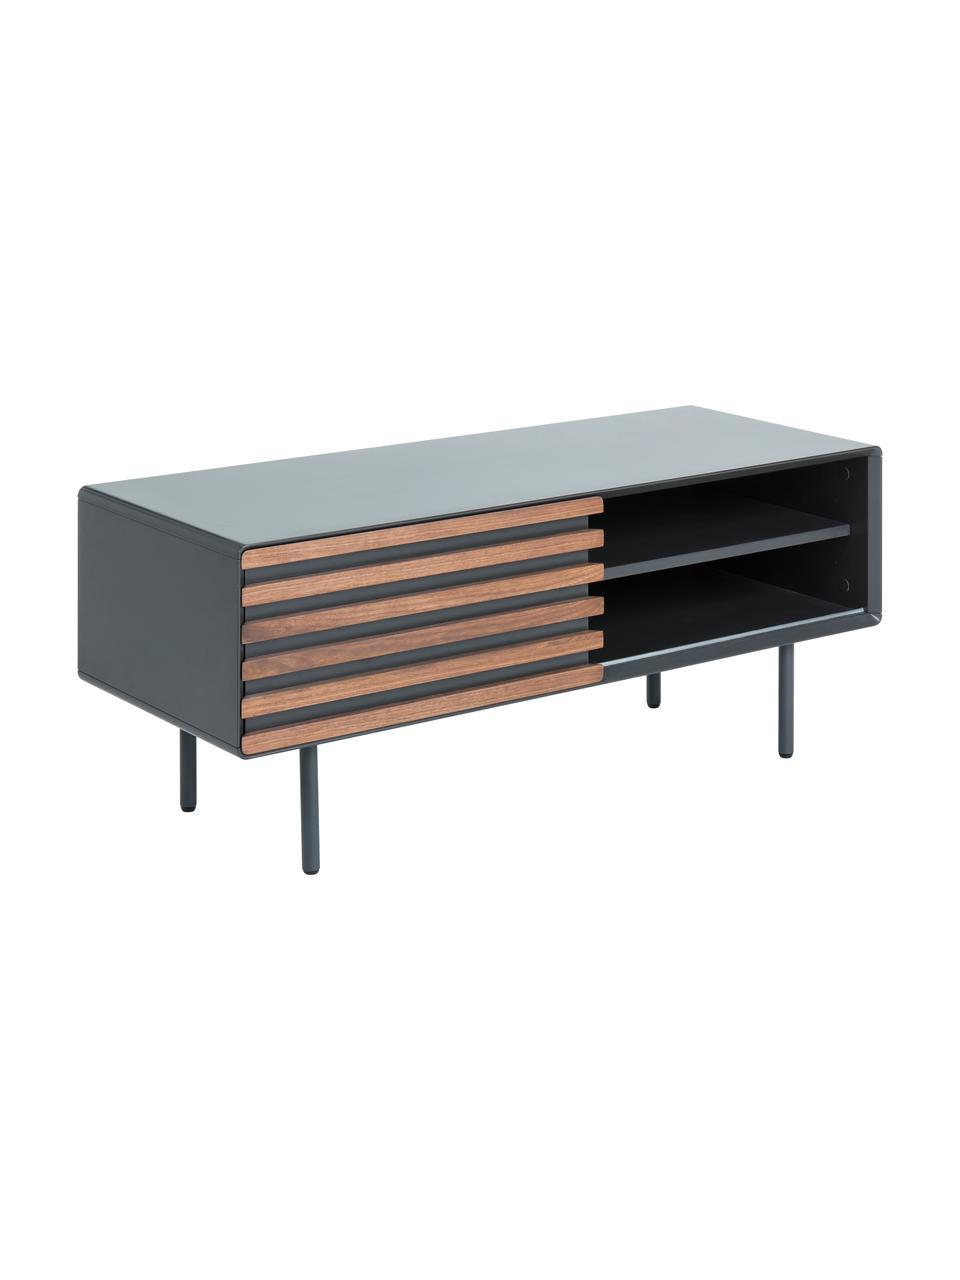 Tv-meubel Kesia met walnoothoutfineer, Grafietgrijs, walnootkleurig, 120 x 49 cm